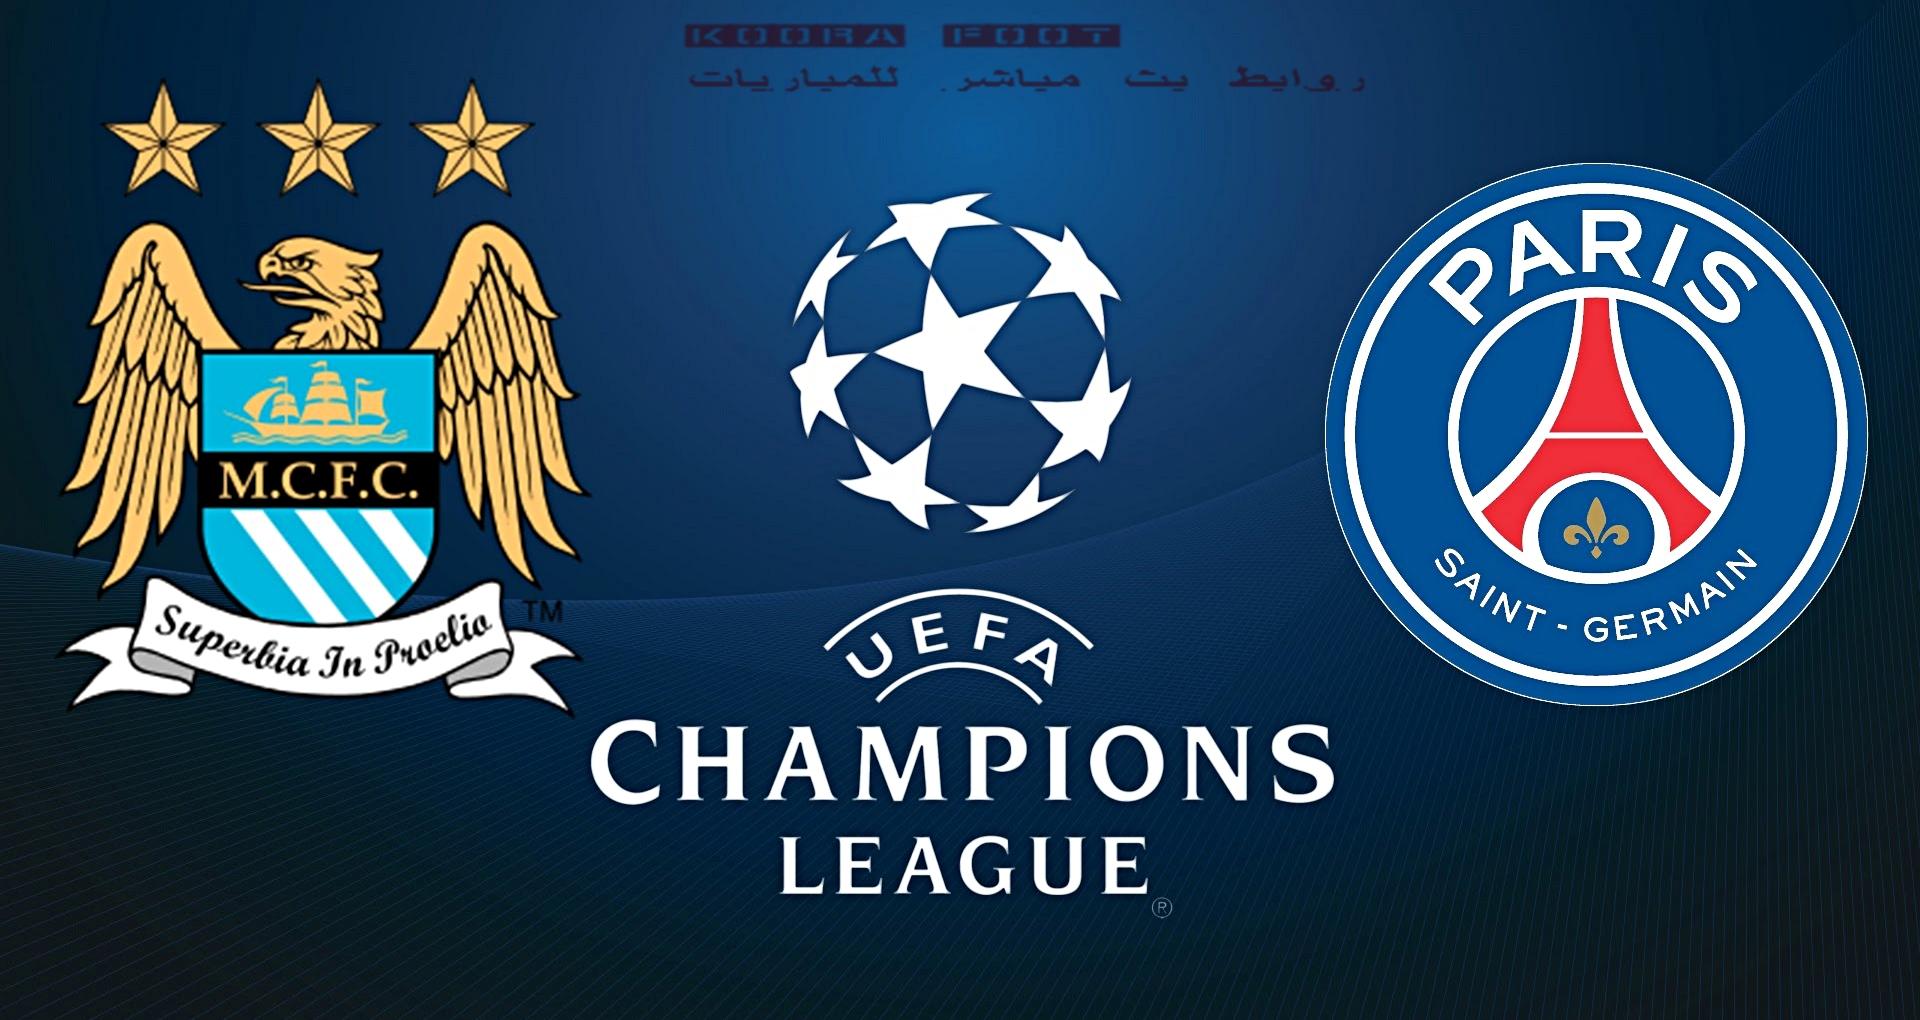 بث مباشر مباراة مانشستر سيتي ضد باريس سان جيرمان في دوري أبطال أوروبا